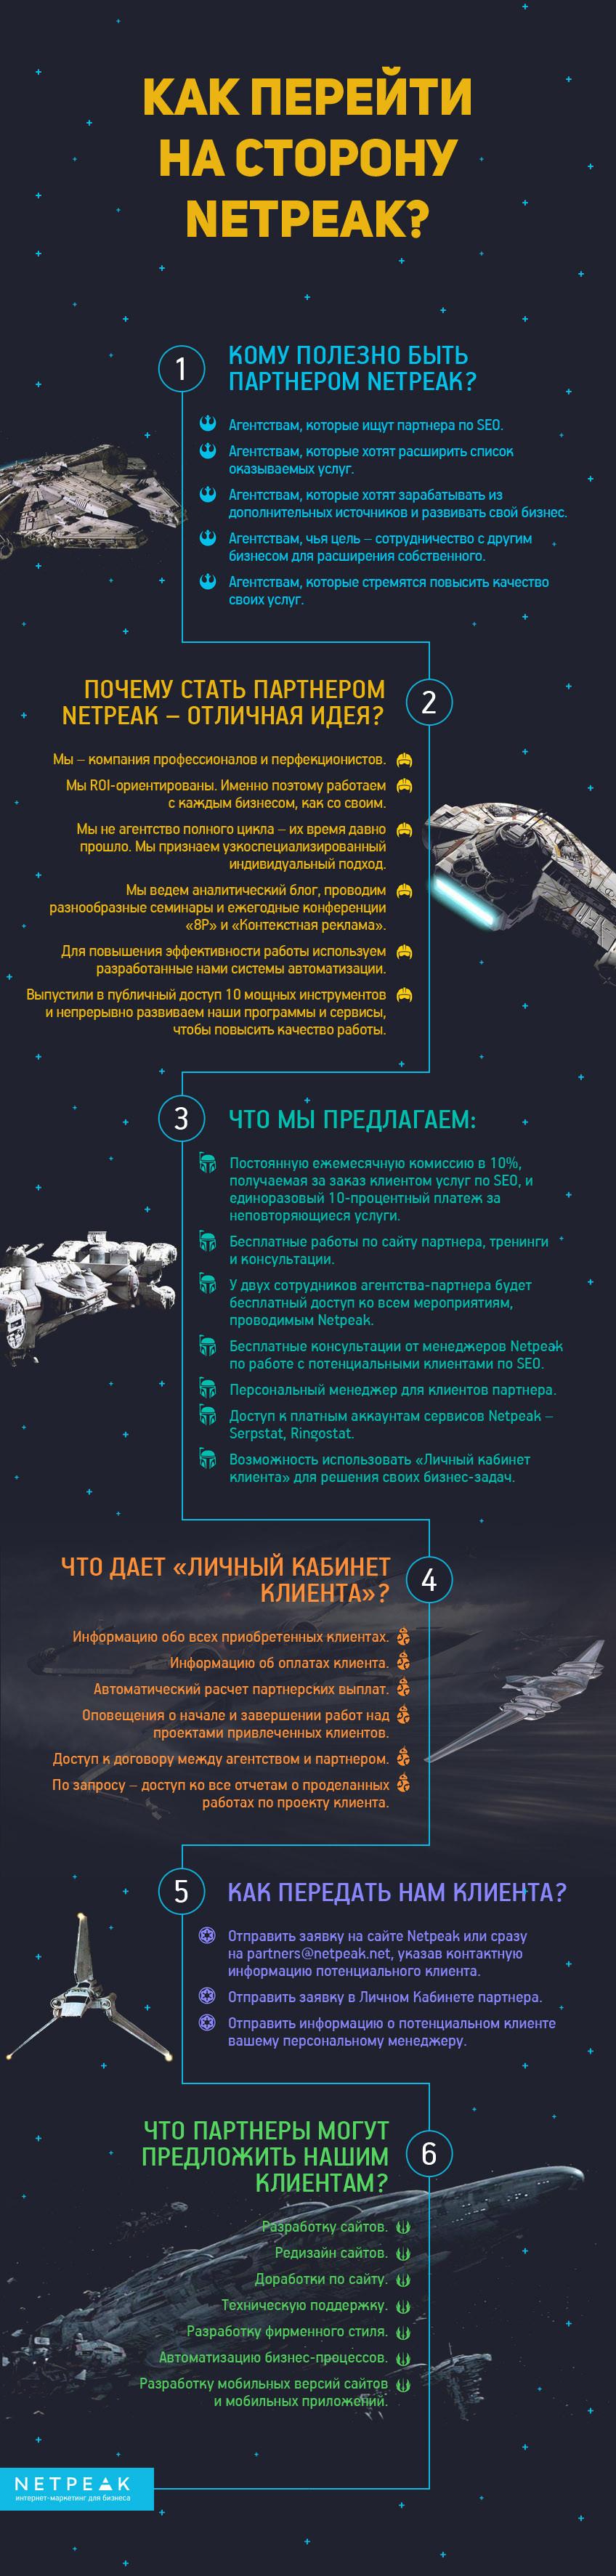 Как перейти на сторону агентства Netpeak — инфографика